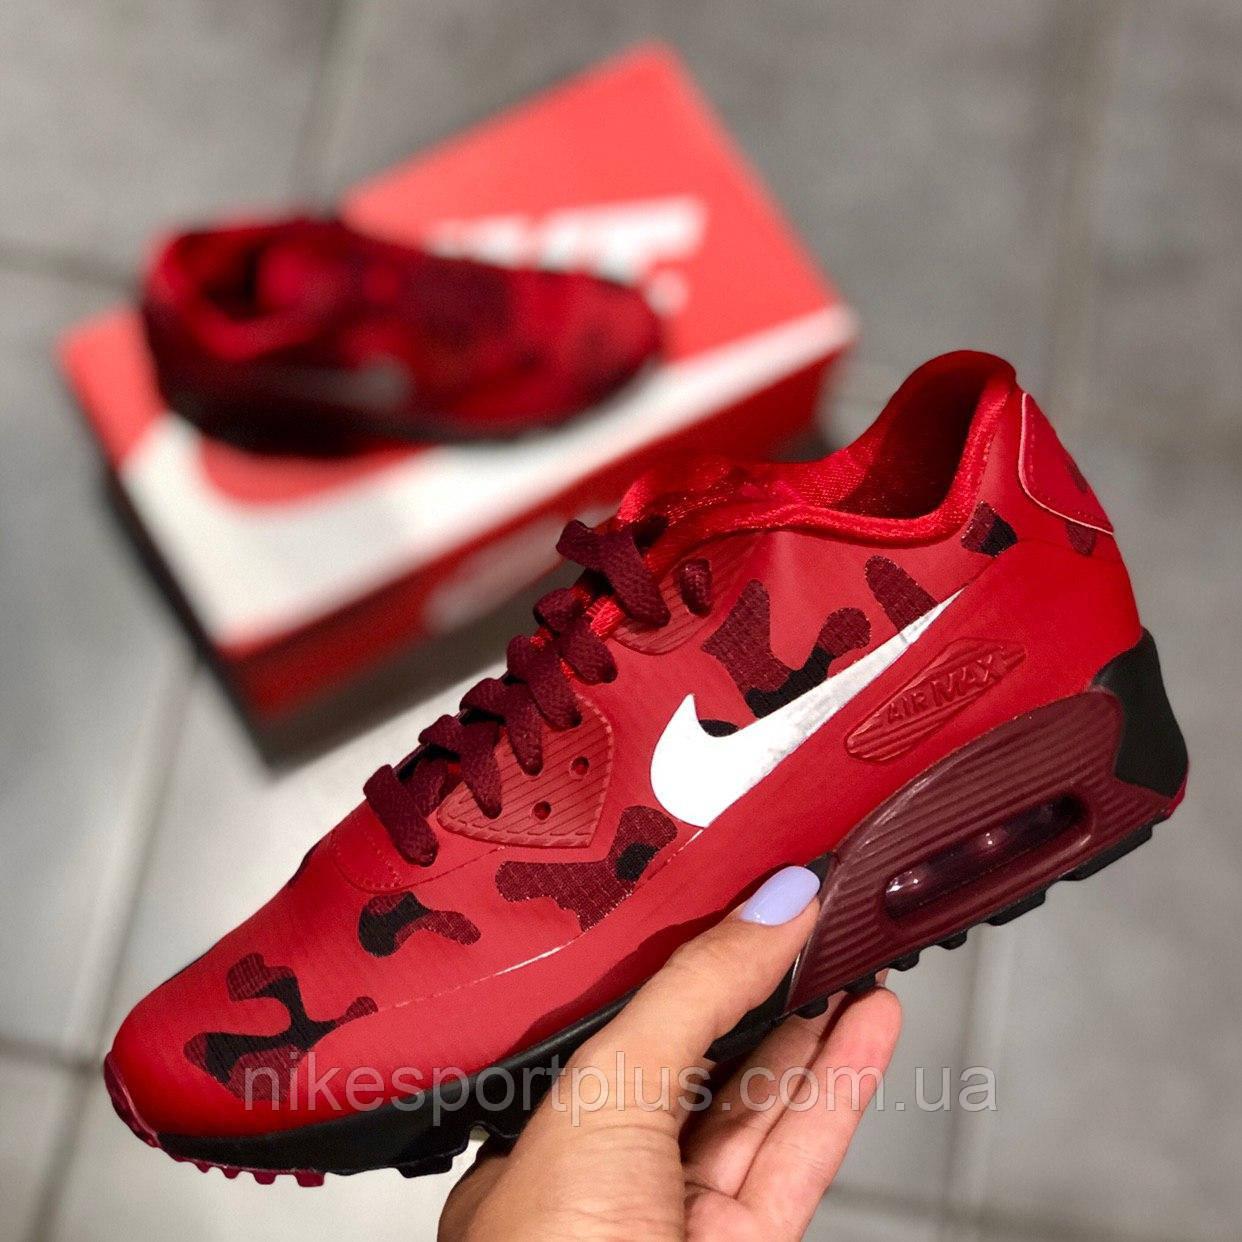 КРОССОВКИ Nike Air Max 90 NS SE Big Kids 869946-600 869946-600